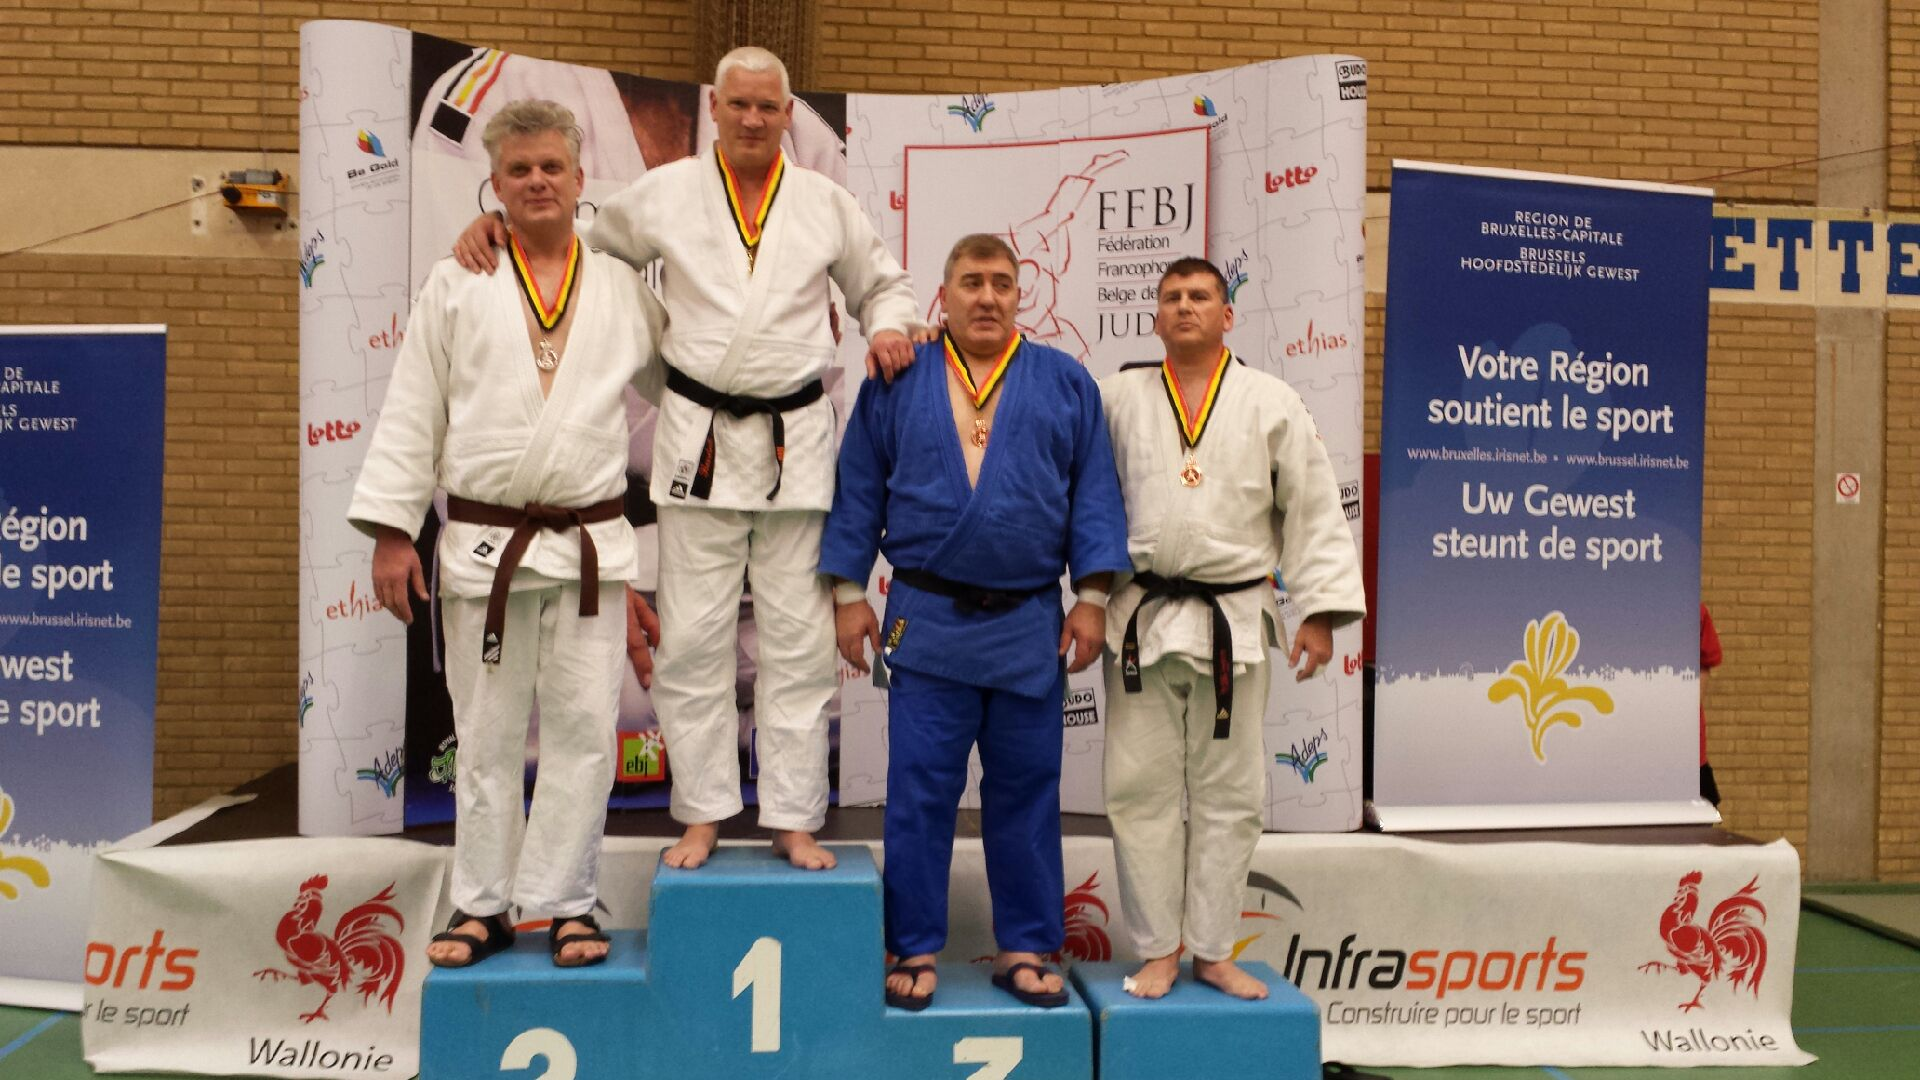 Jean-Marc est arrivé 3ème au Tournois Master de Bruxelles samedi dernier